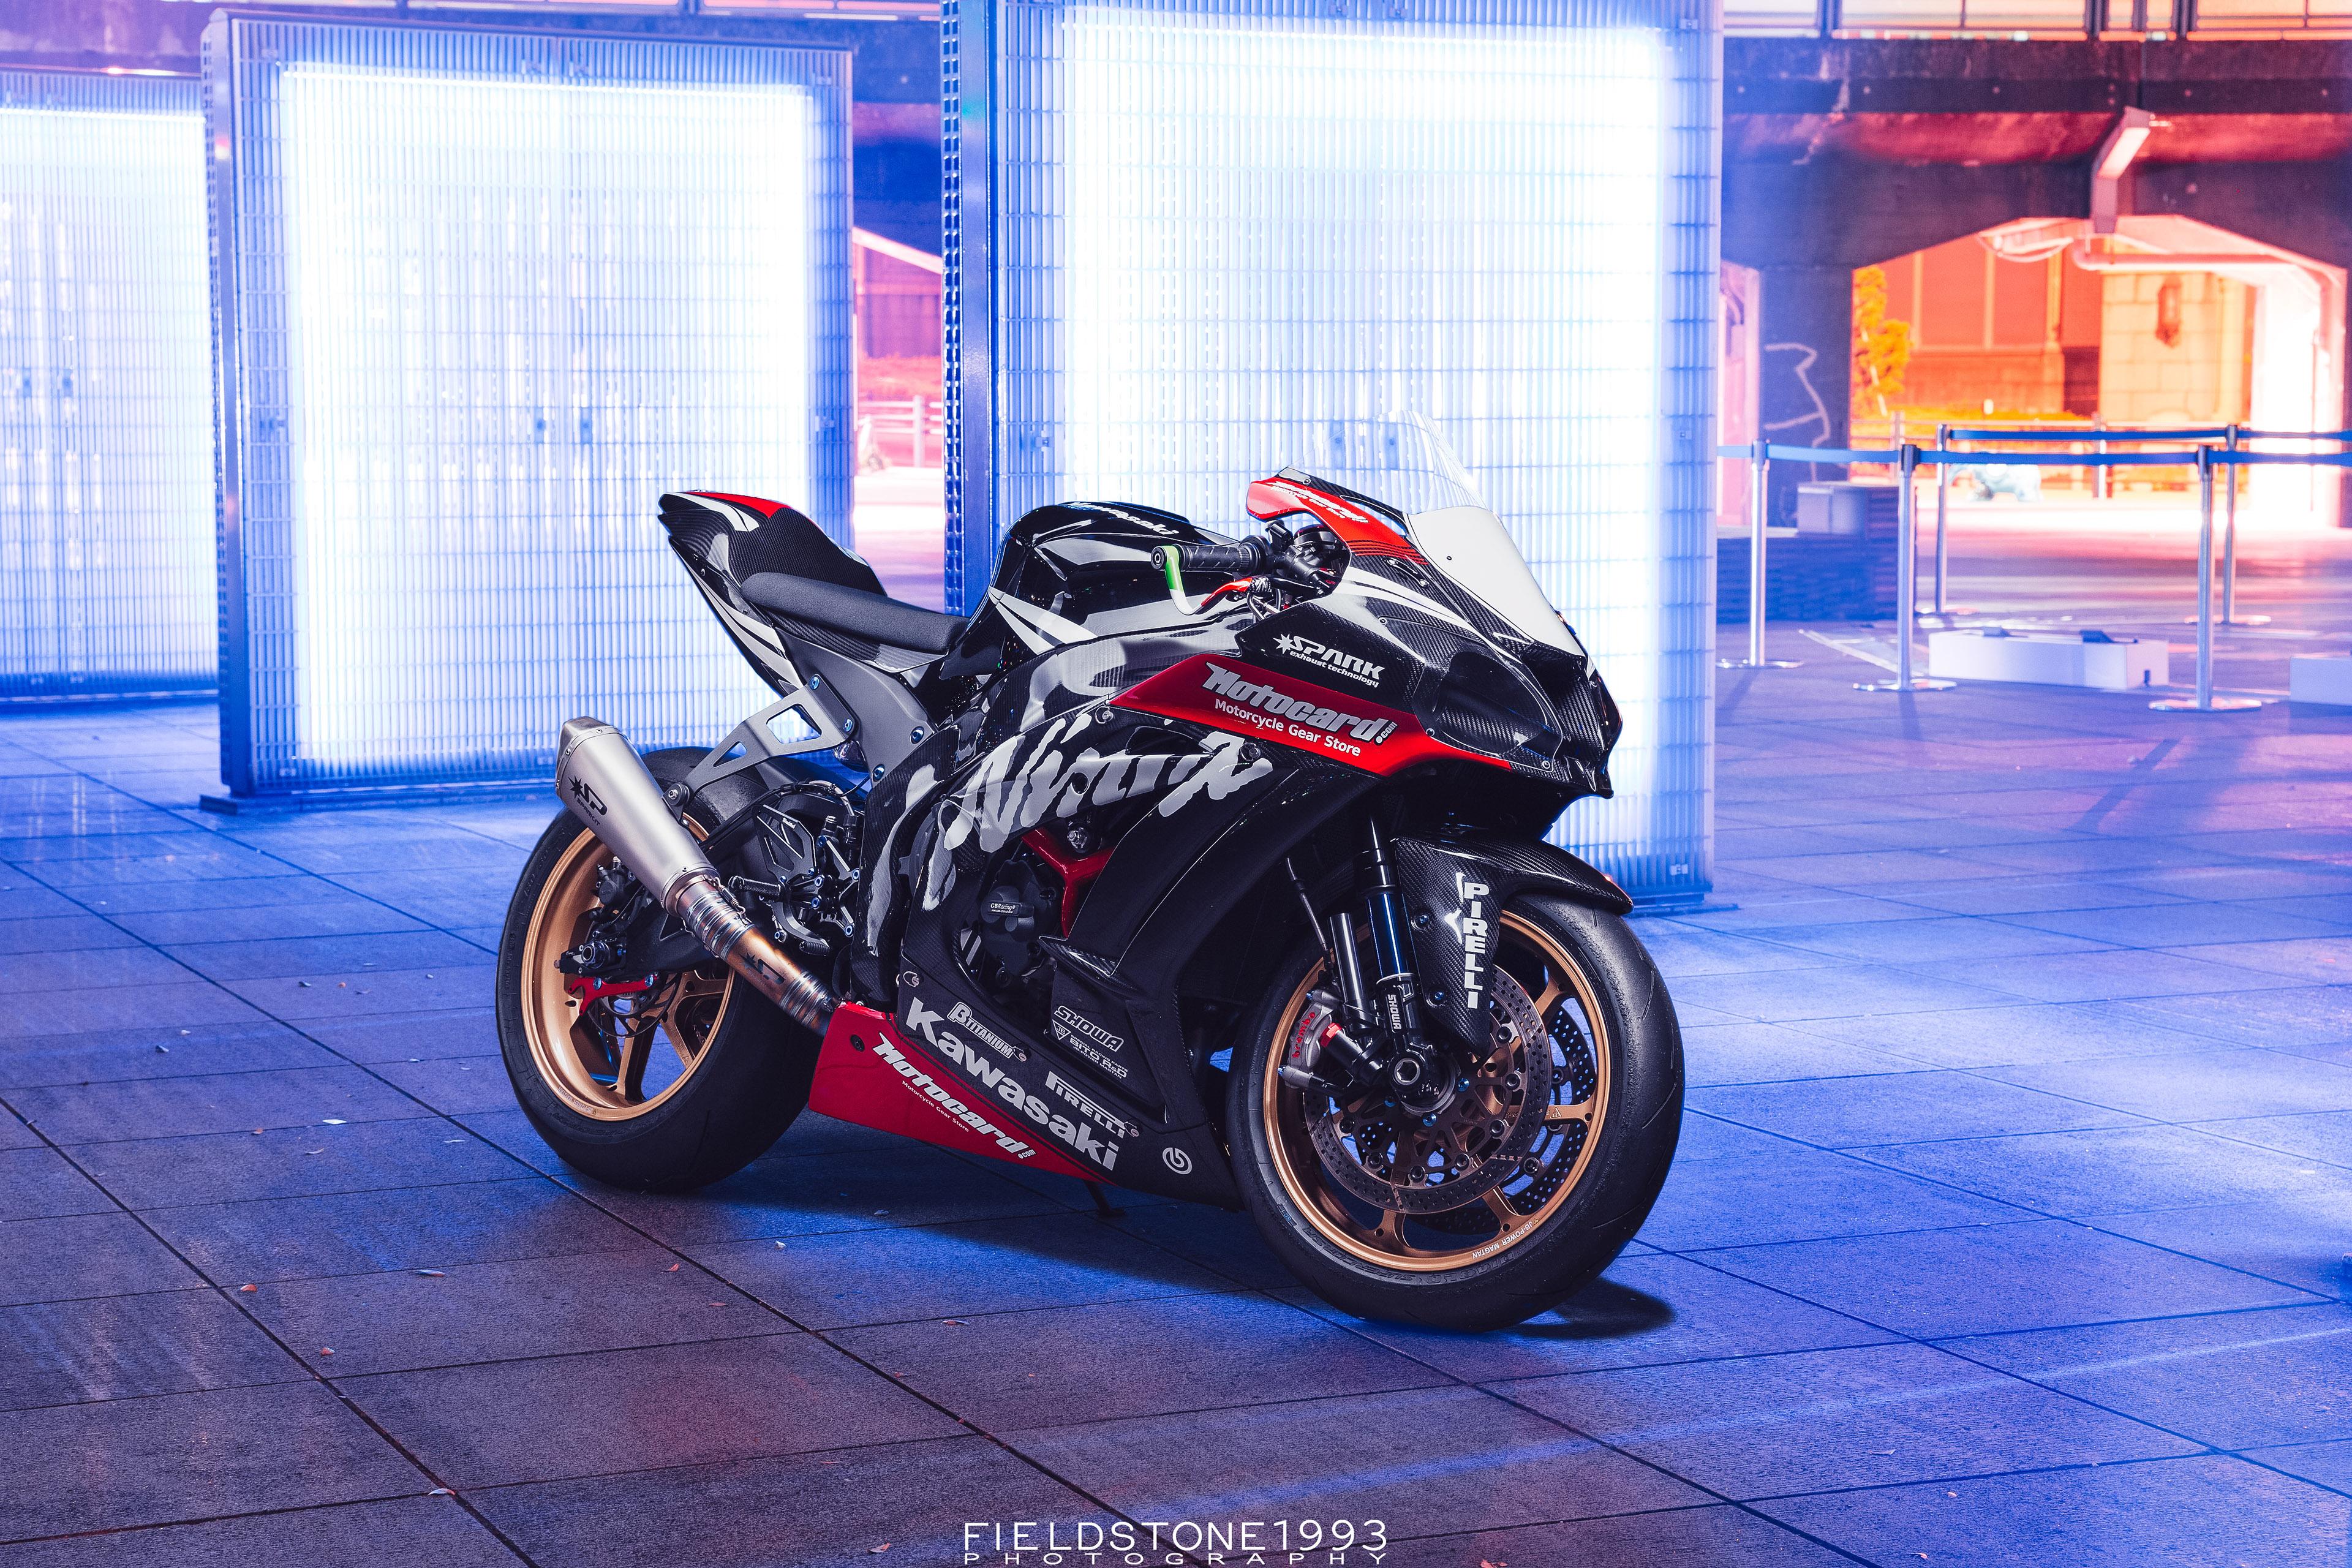 3840x2400 Kawasaki Zx10r 4k 4k HD 4k Wallpapers, Images